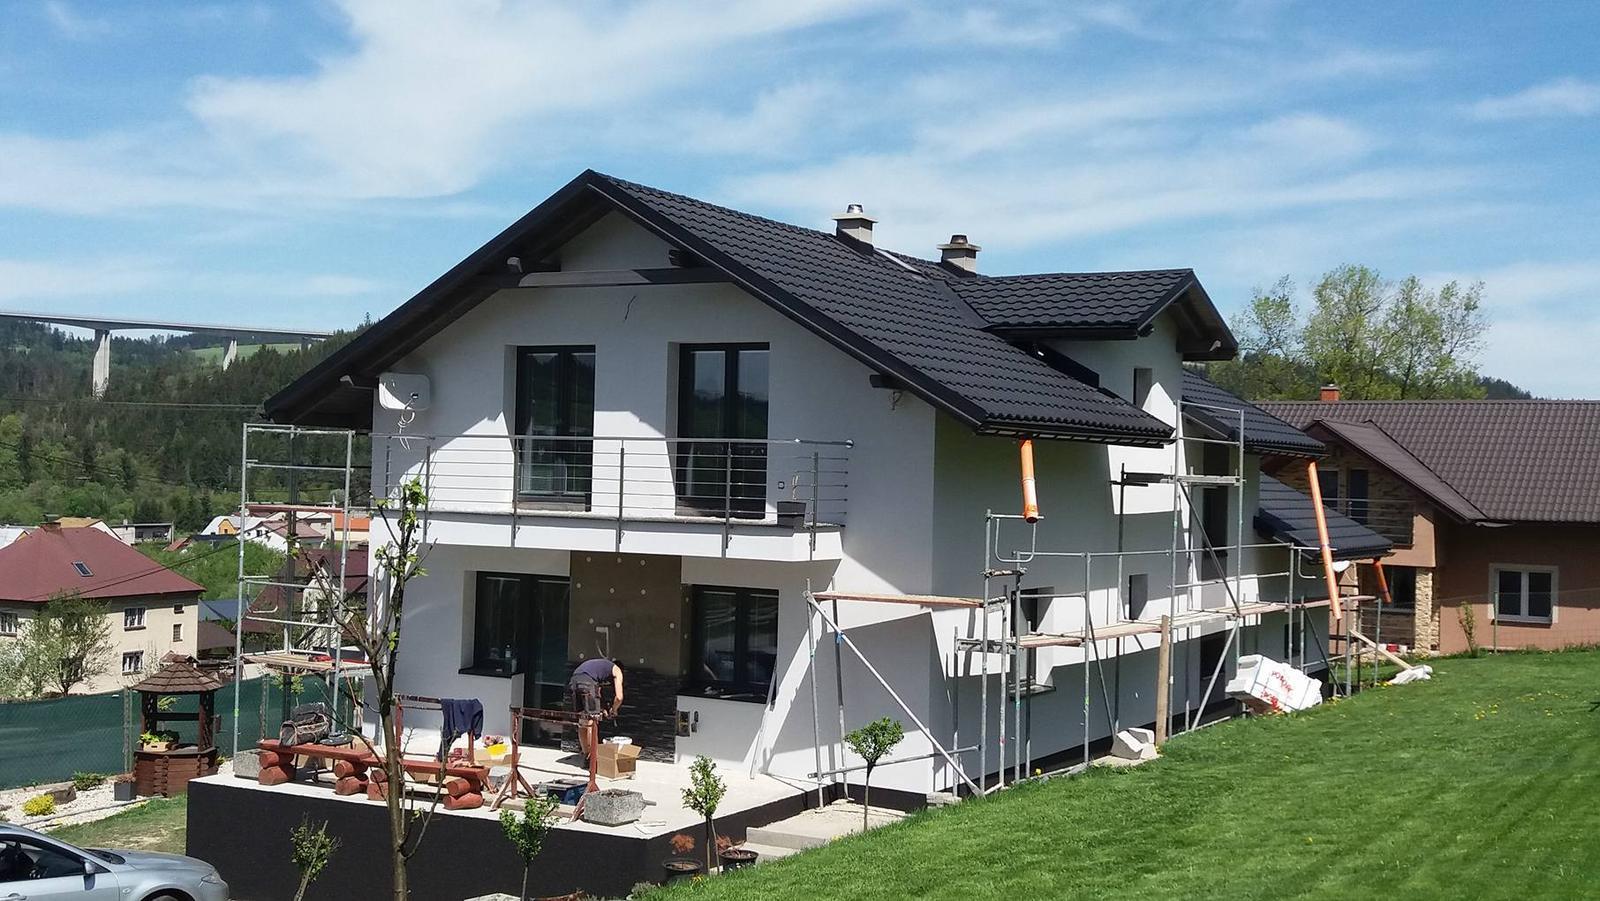 *Sen-stavba-dom-domov * - po troch rokoch prišlo aj na fasádu :) Omietka značka Bauteko odtieň 1441 a marmolit čierny odtieň 5 :)